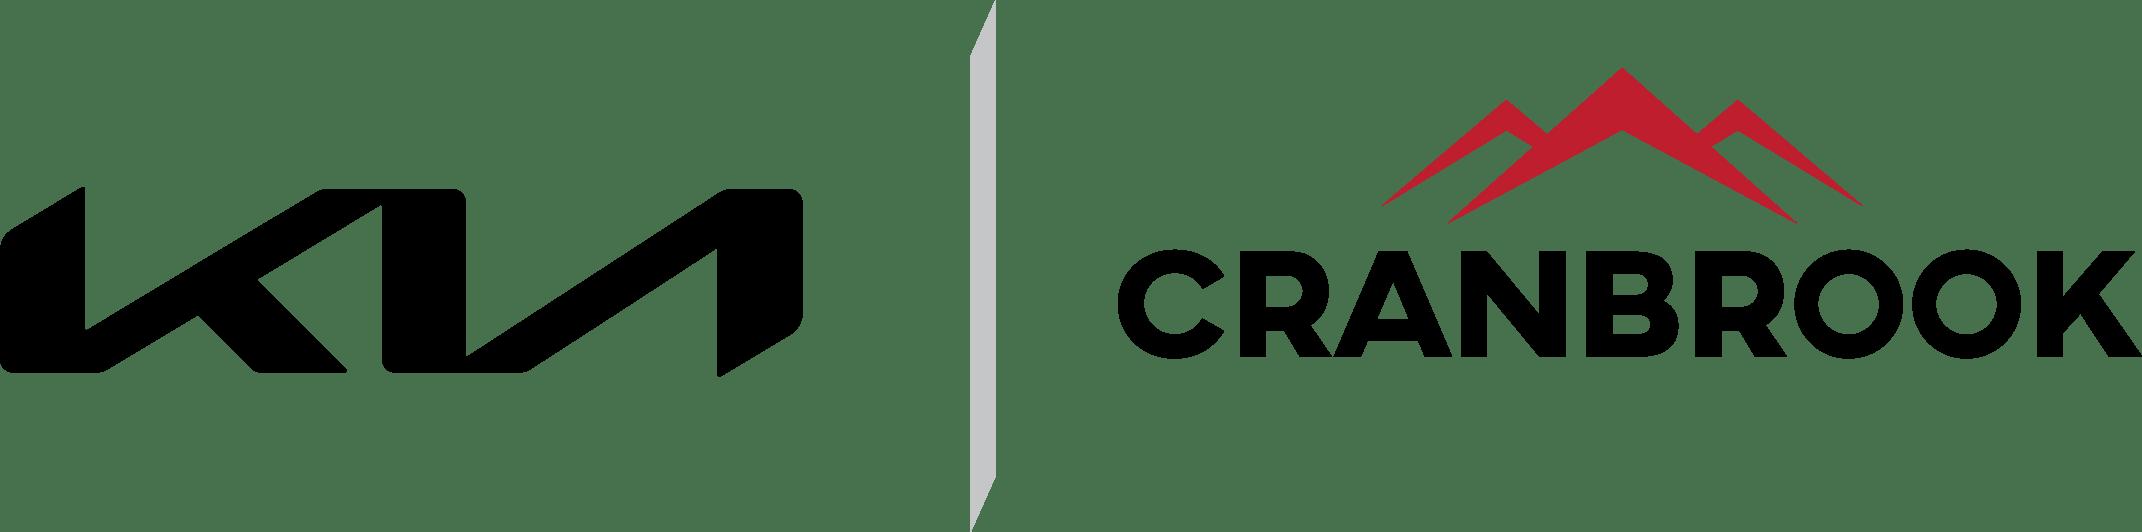 Cranbrook Kia logo